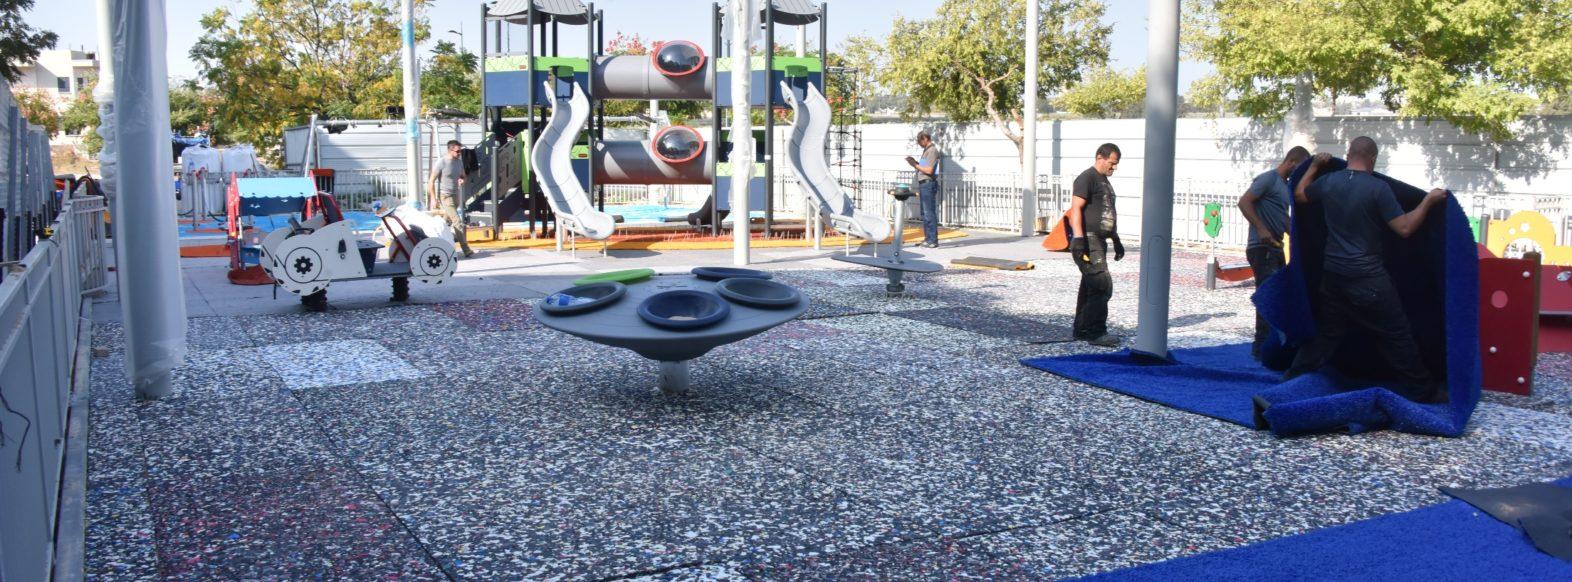 הסתיימו העבודות לבניית גן משחקים חדש ברחוב י. ל. פרץ